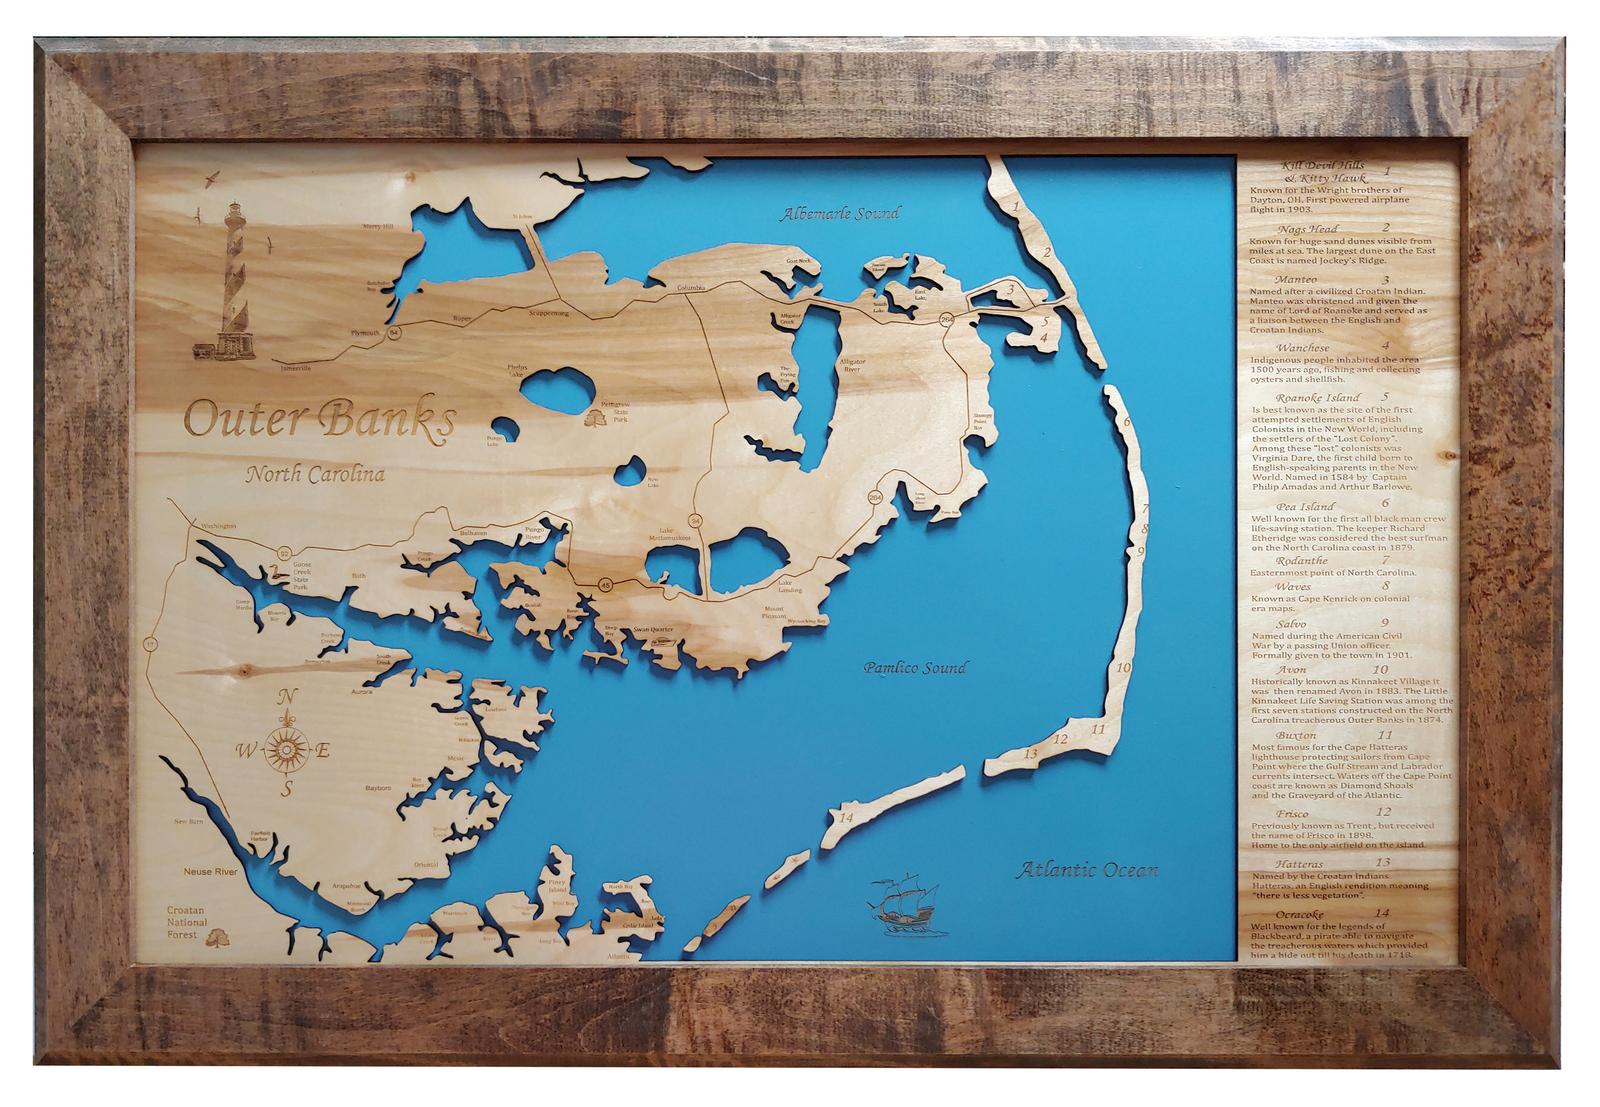 Outer banks large framed final by ken